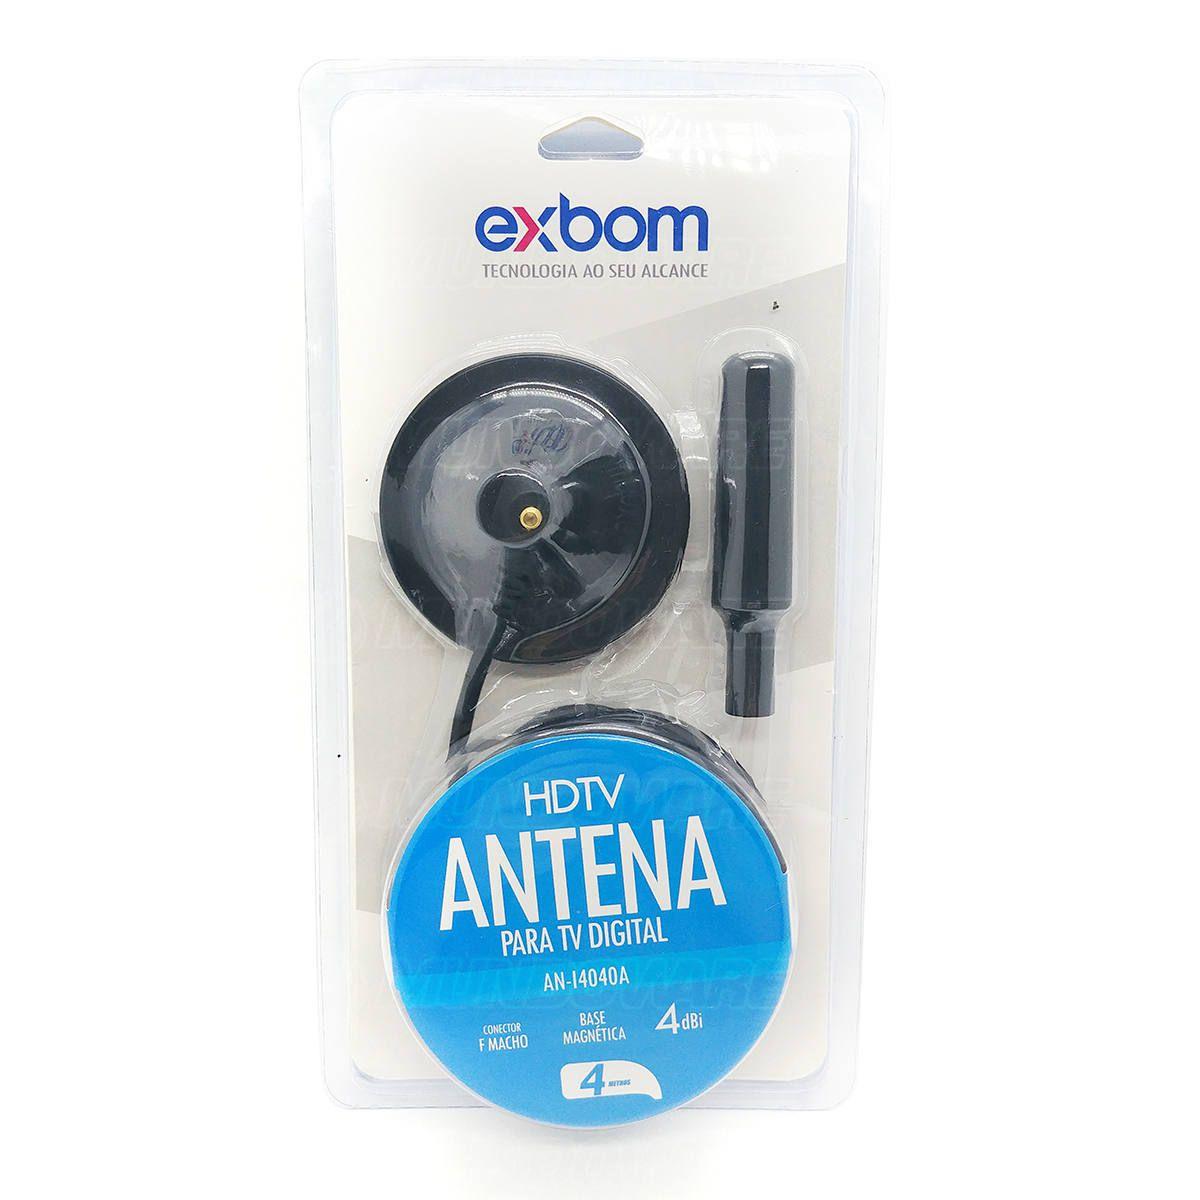 Antena para TV Digital 4dBI Interna e Externa HDTV UHF VHF Cabo 4 metros Base Magnética à Prova d'água Exbom AN-I4040A